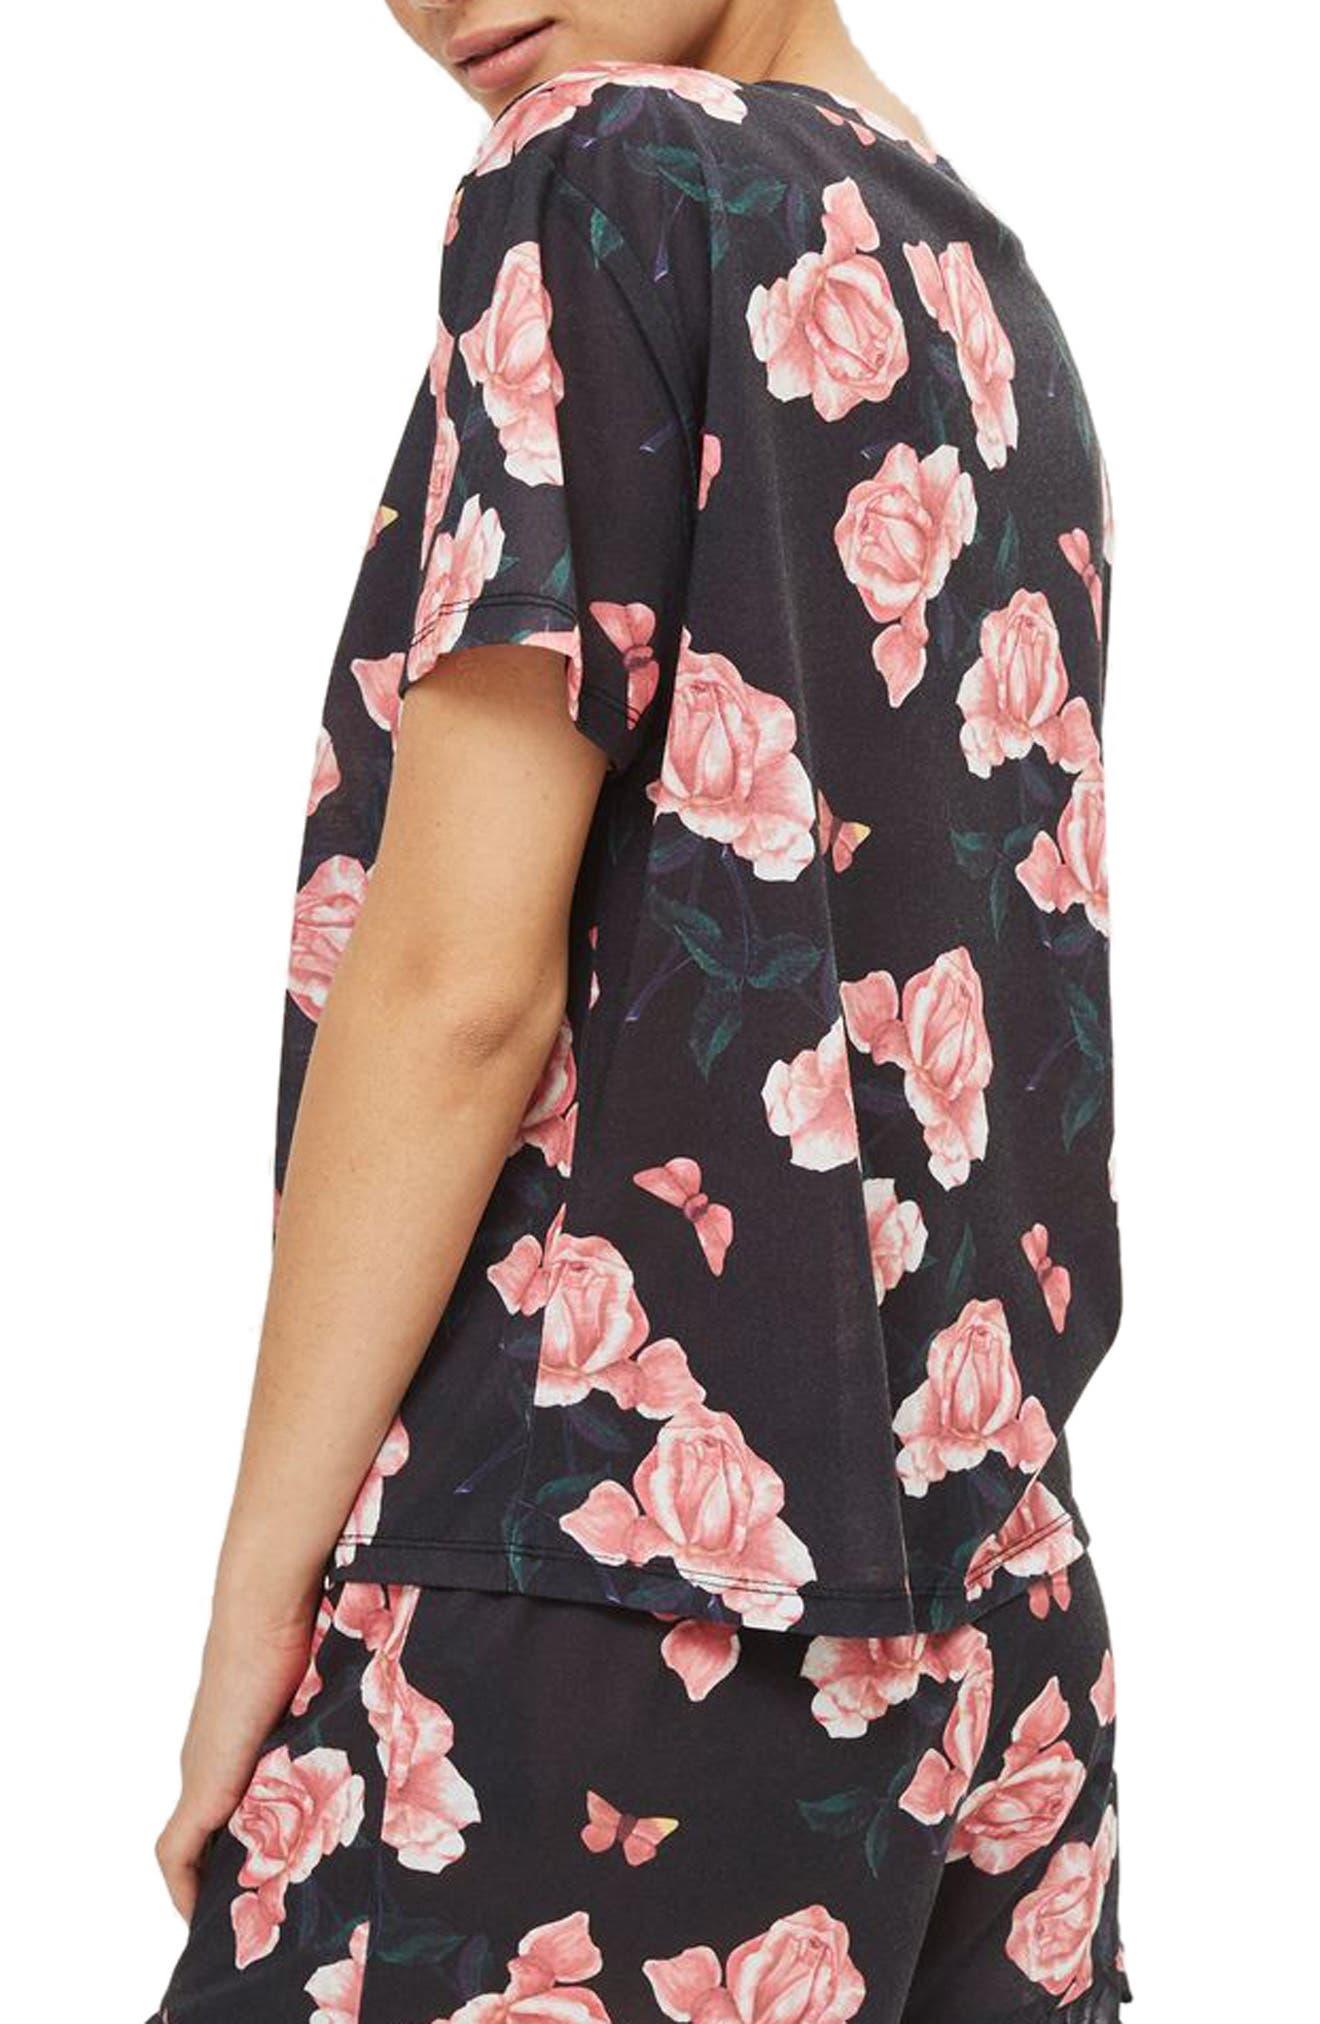 Rose Pajama Top,                             Alternate thumbnail 2, color,